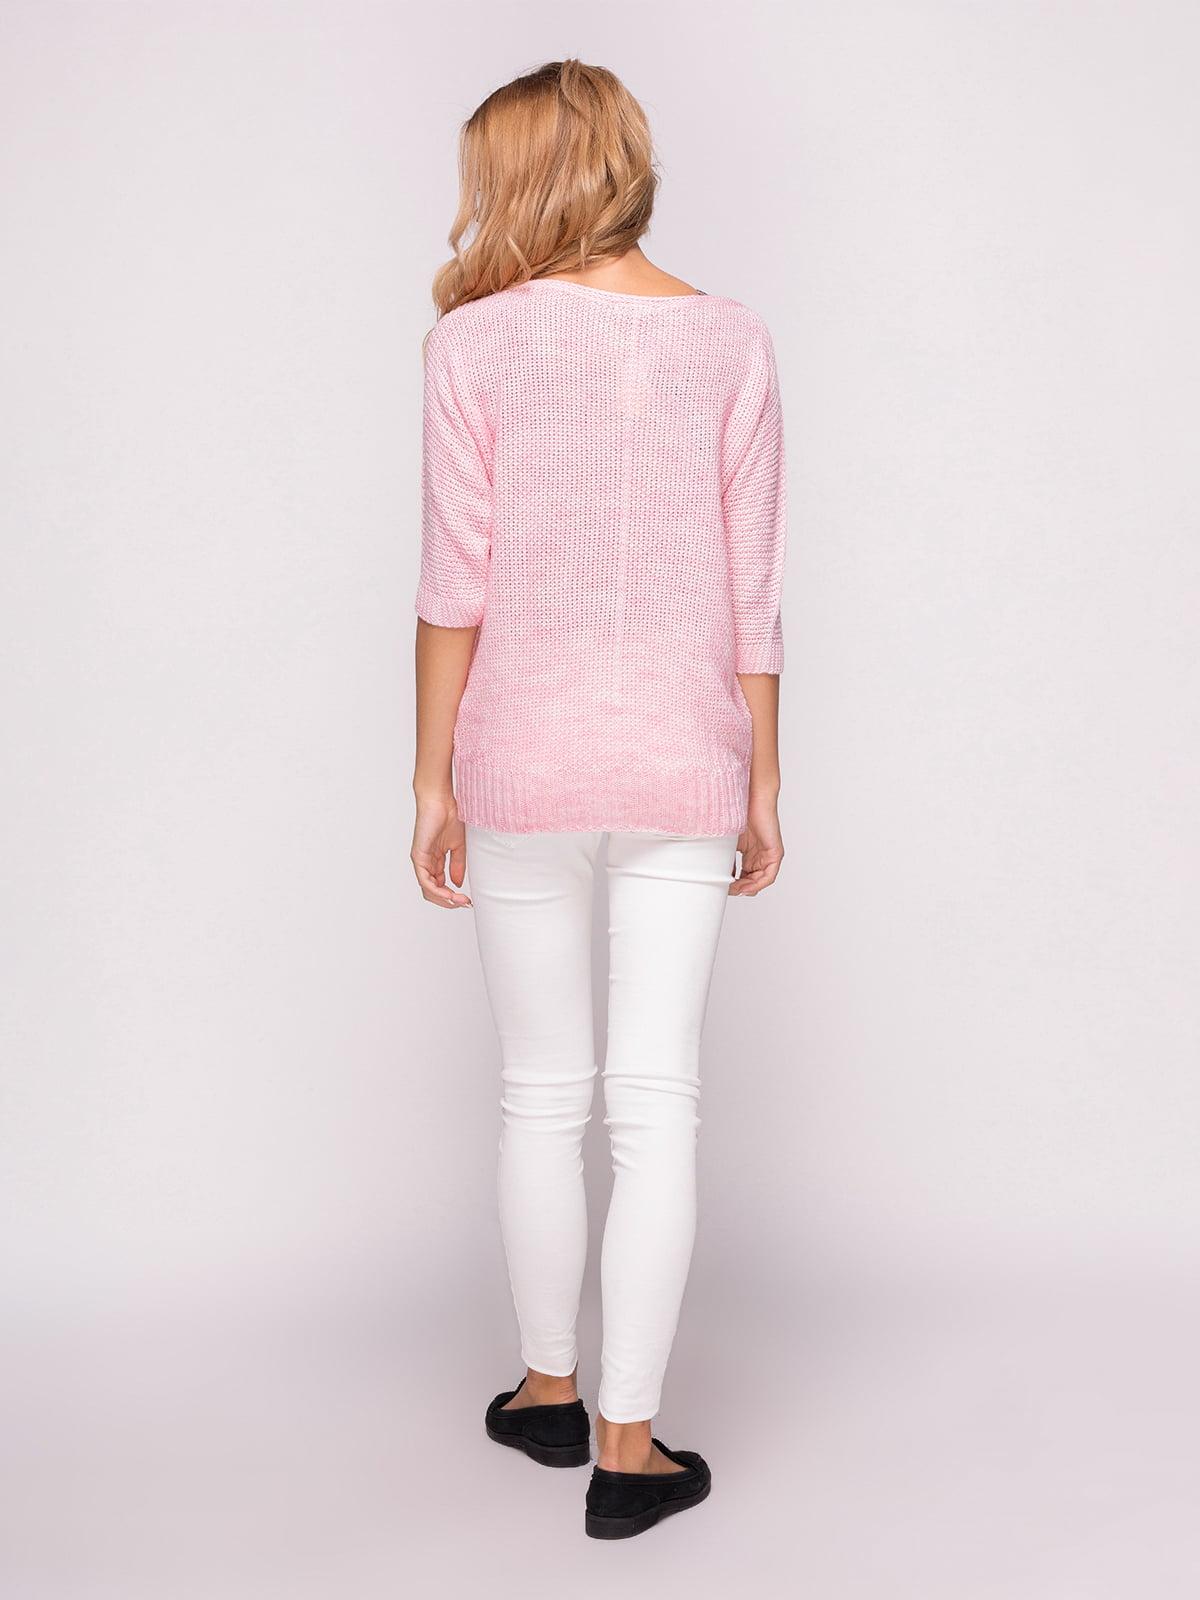 Джемпер рожевий   4567010   фото 3